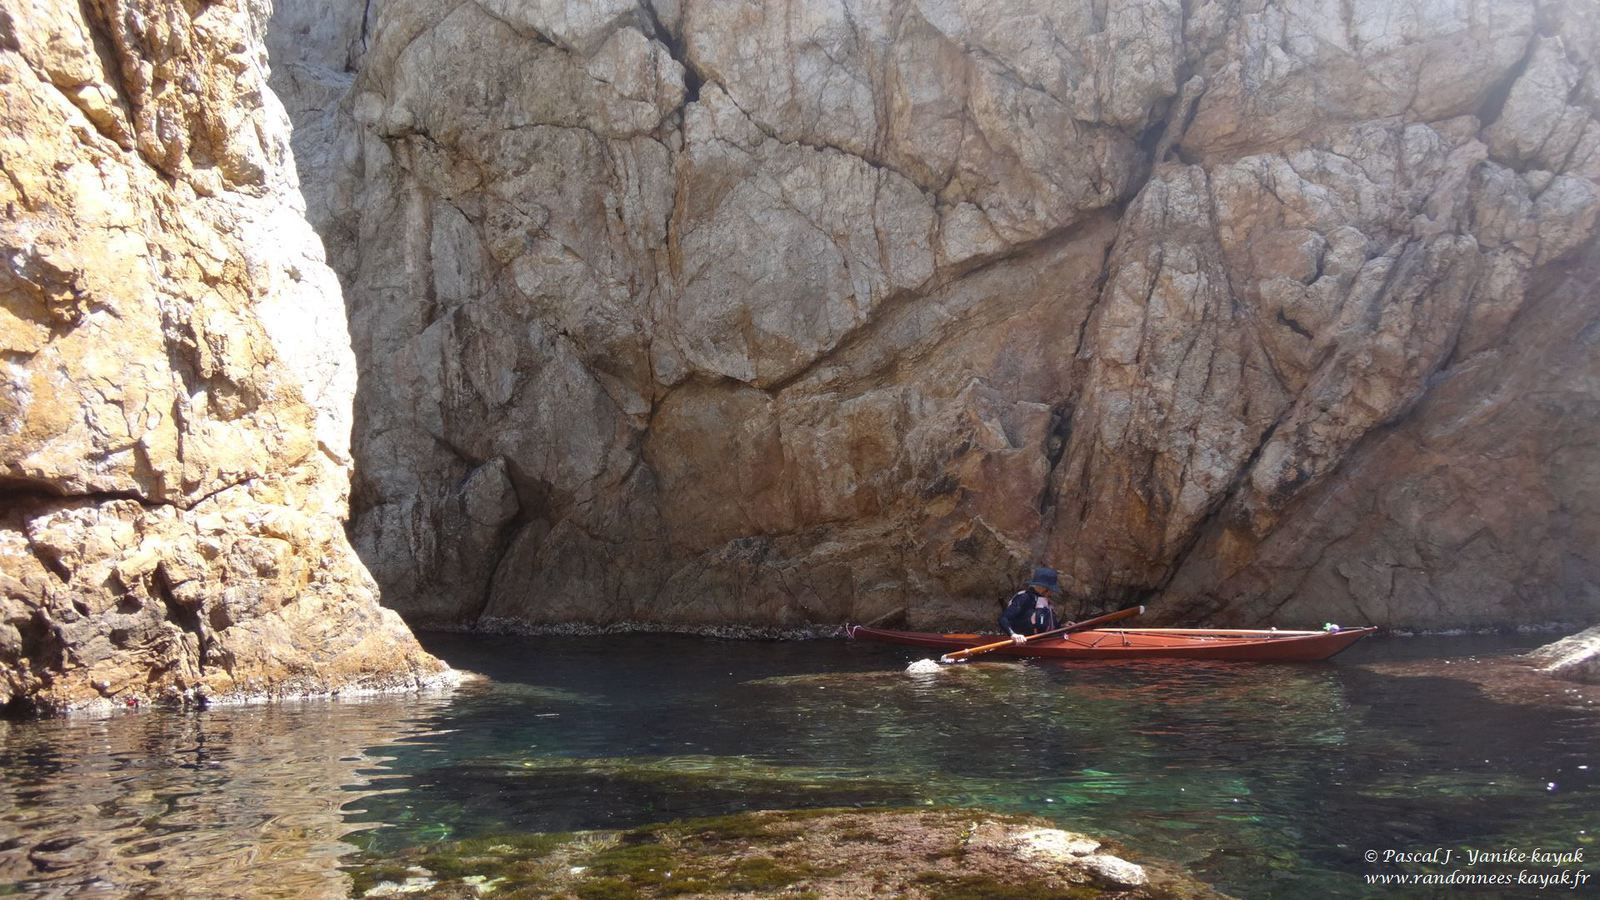 Pagaia 2017 : Portligat - Cadaques - Punta de Llloar - Portligat